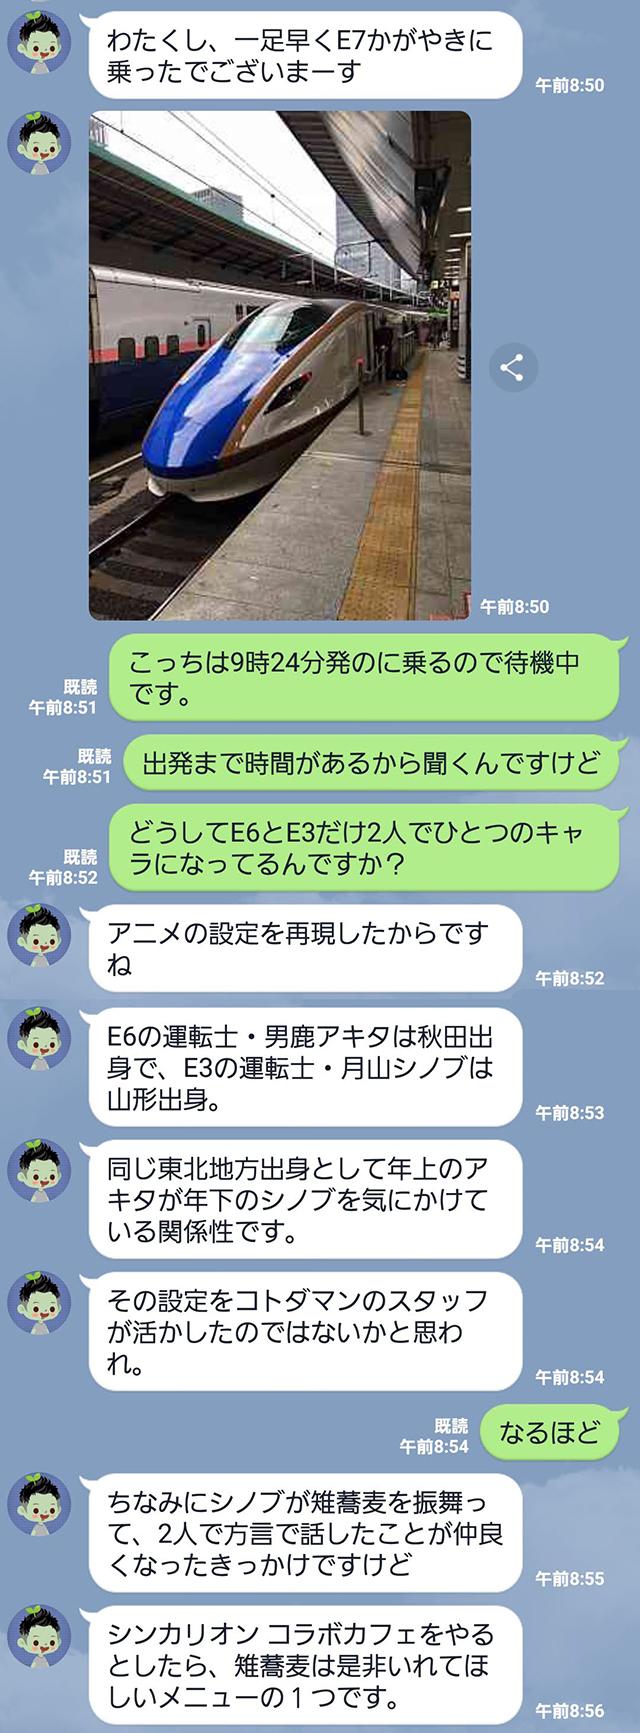 アニメイトタイムズが初めて新幹線に1日中乗りながら『コトダマン』×『シンカリオン』コラボを紹介してみた-17